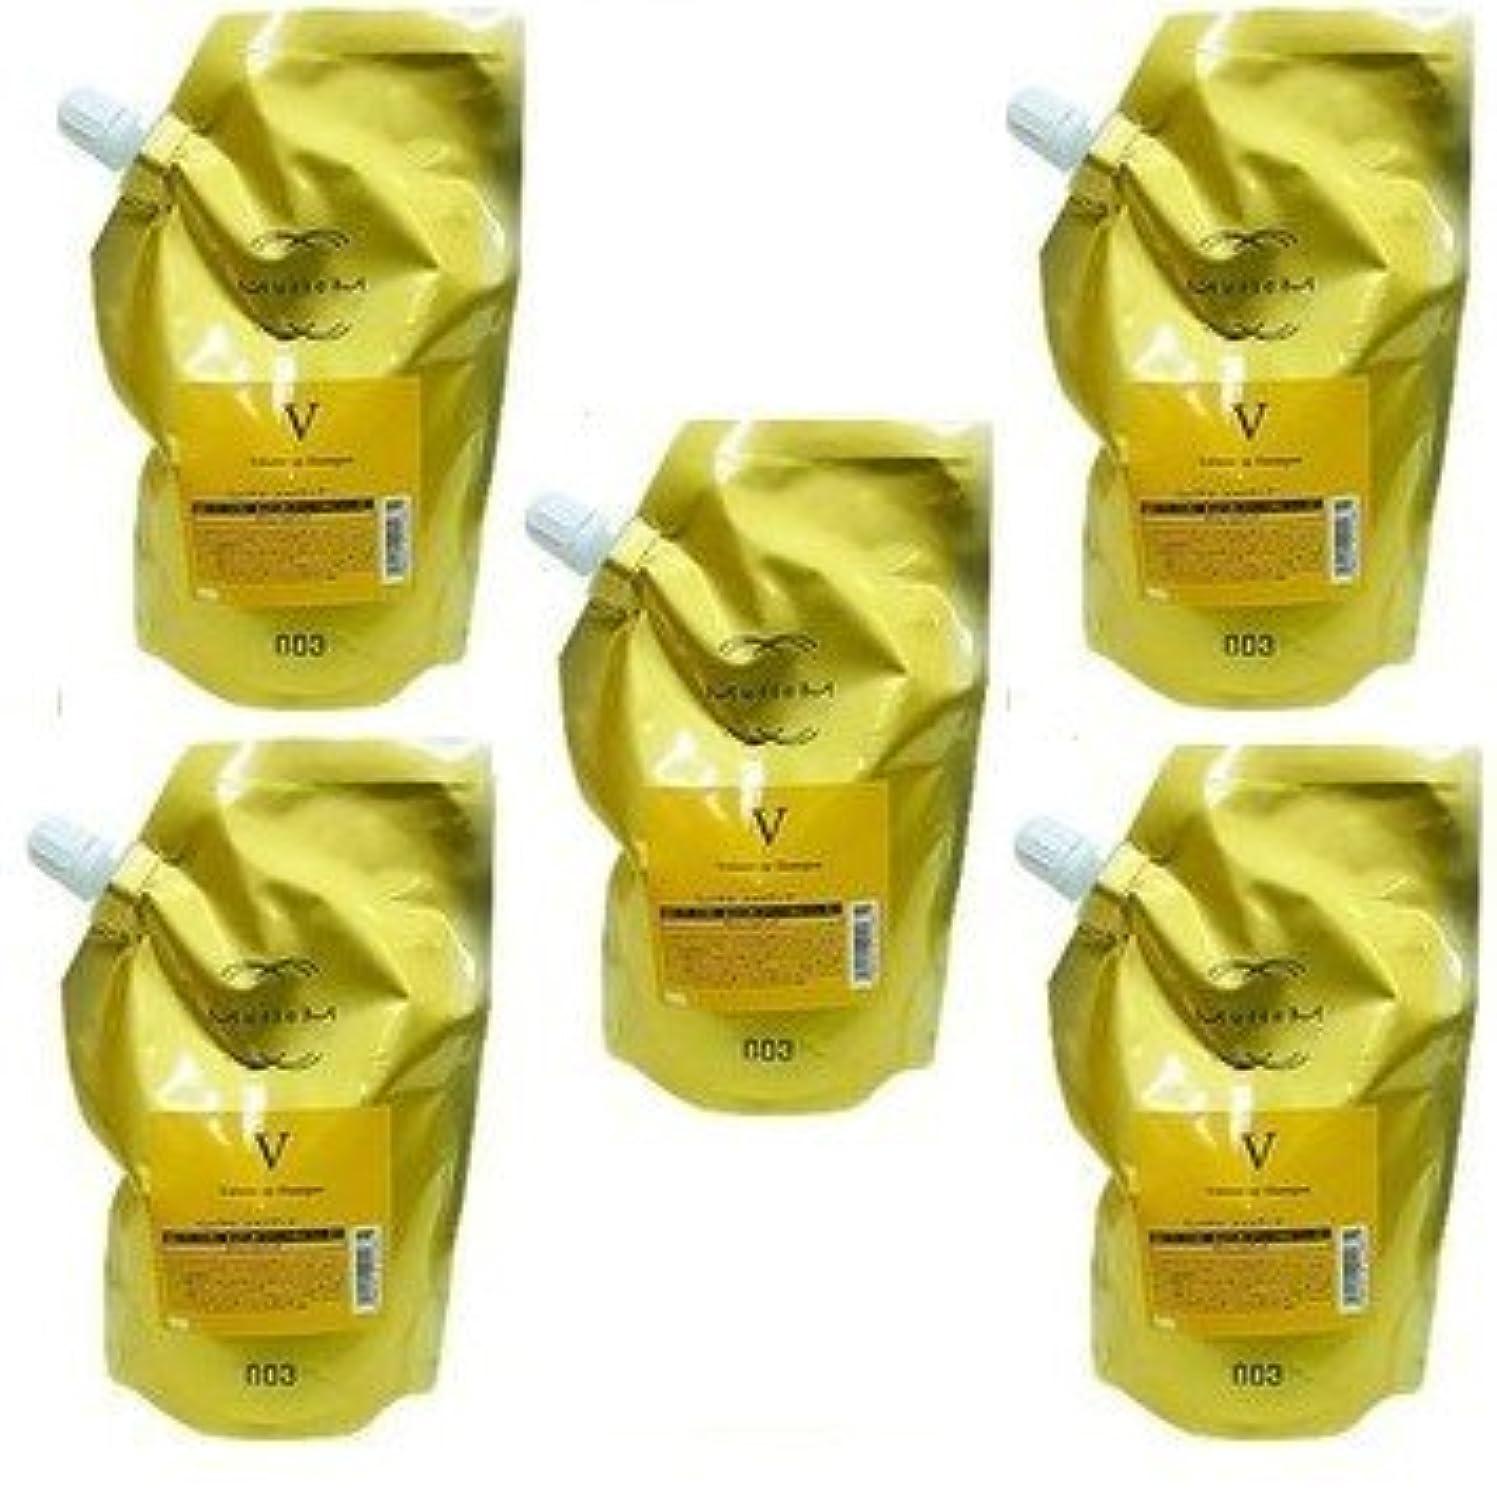 然とした現代気性【X5個セット】 ナンバースリー ミュリアム ゴールド シャンプー V 500ml 詰替え用